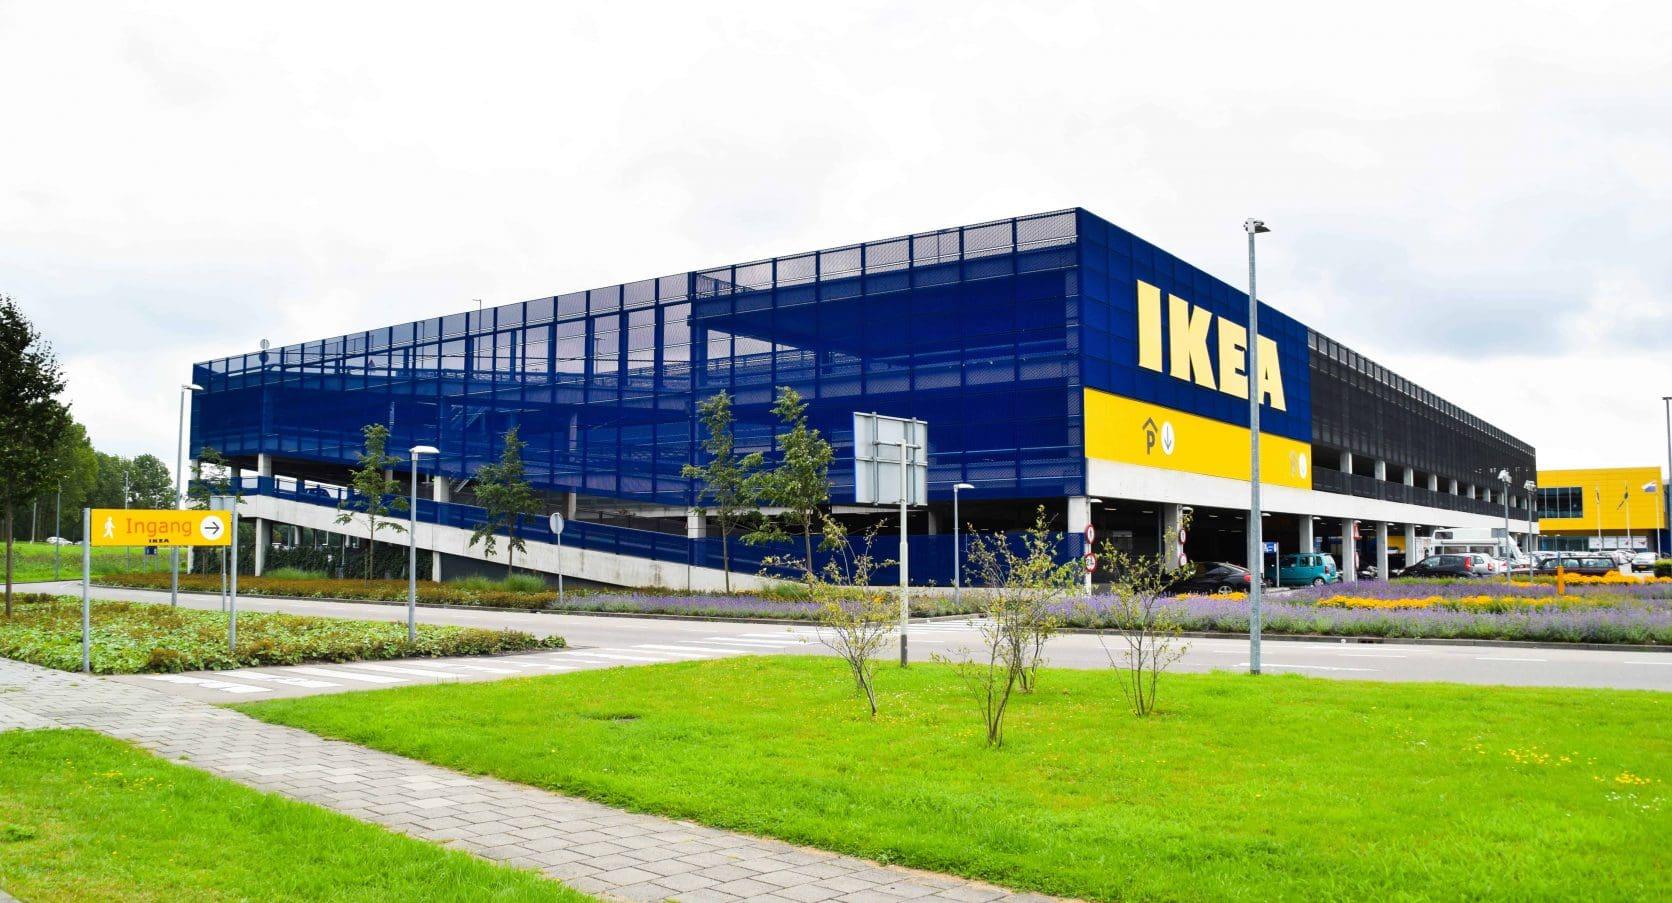 Voorkant van de gevel van MD Strekmetaal en Lamel bij de Parkeergarage van de Ikea in Duiven